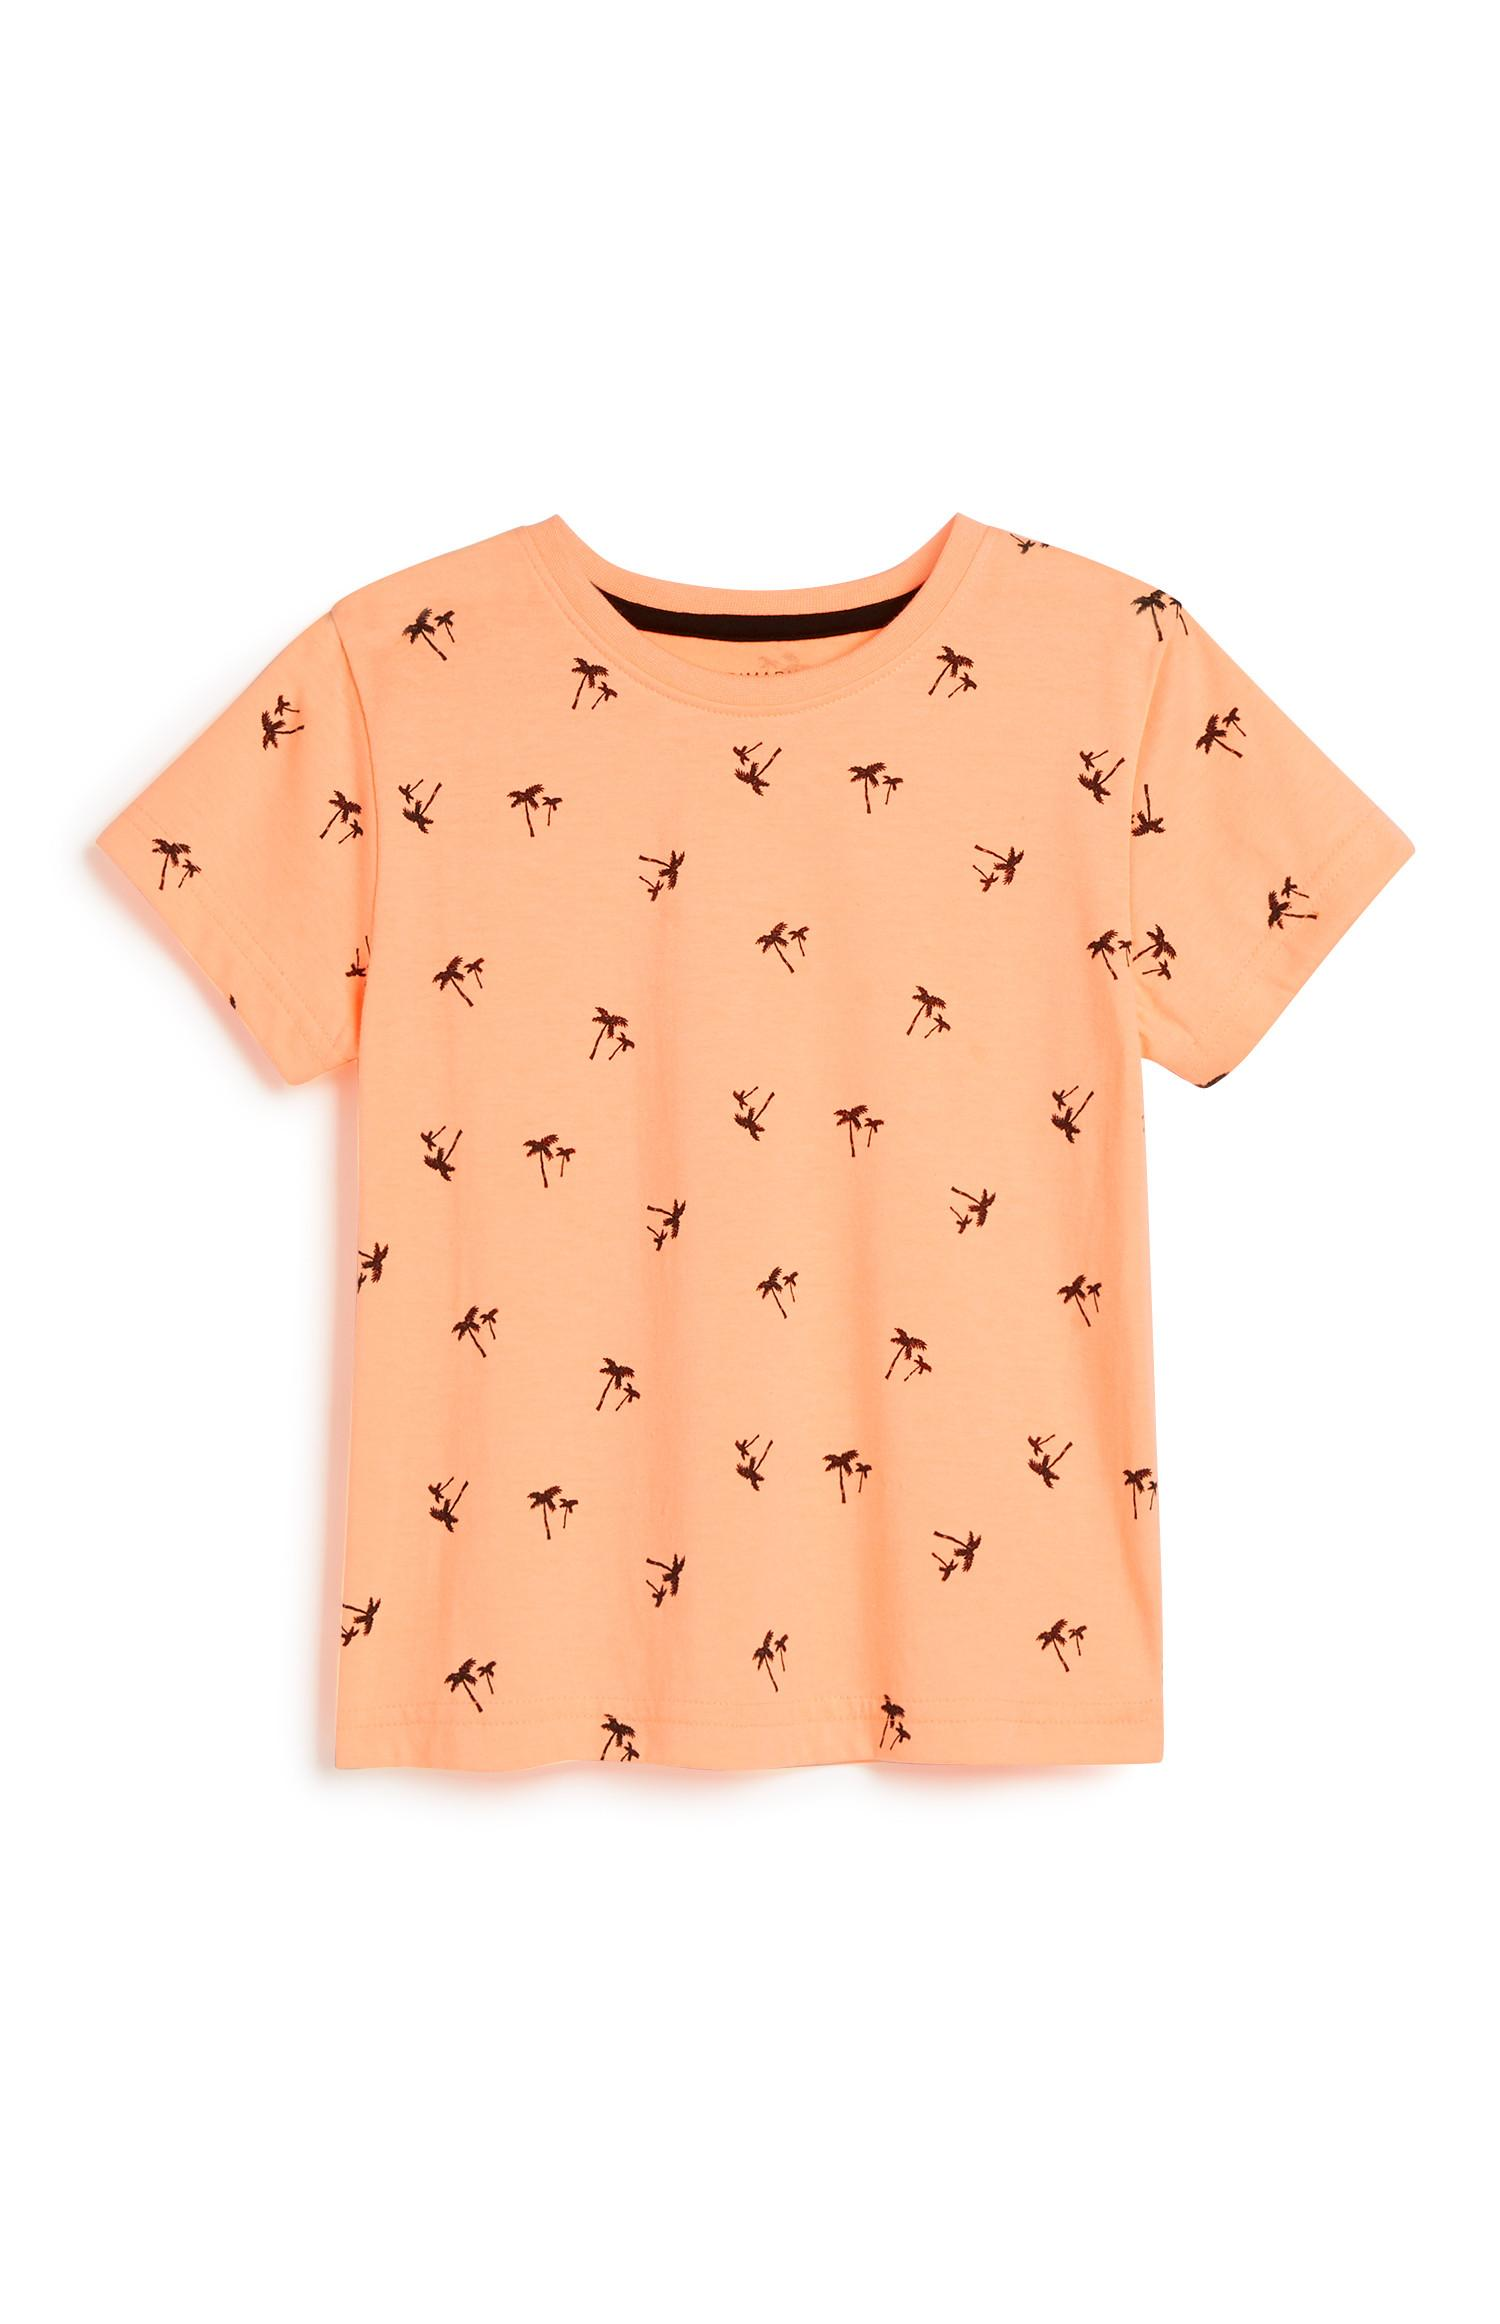 T-shirt met palmenprint, jongens